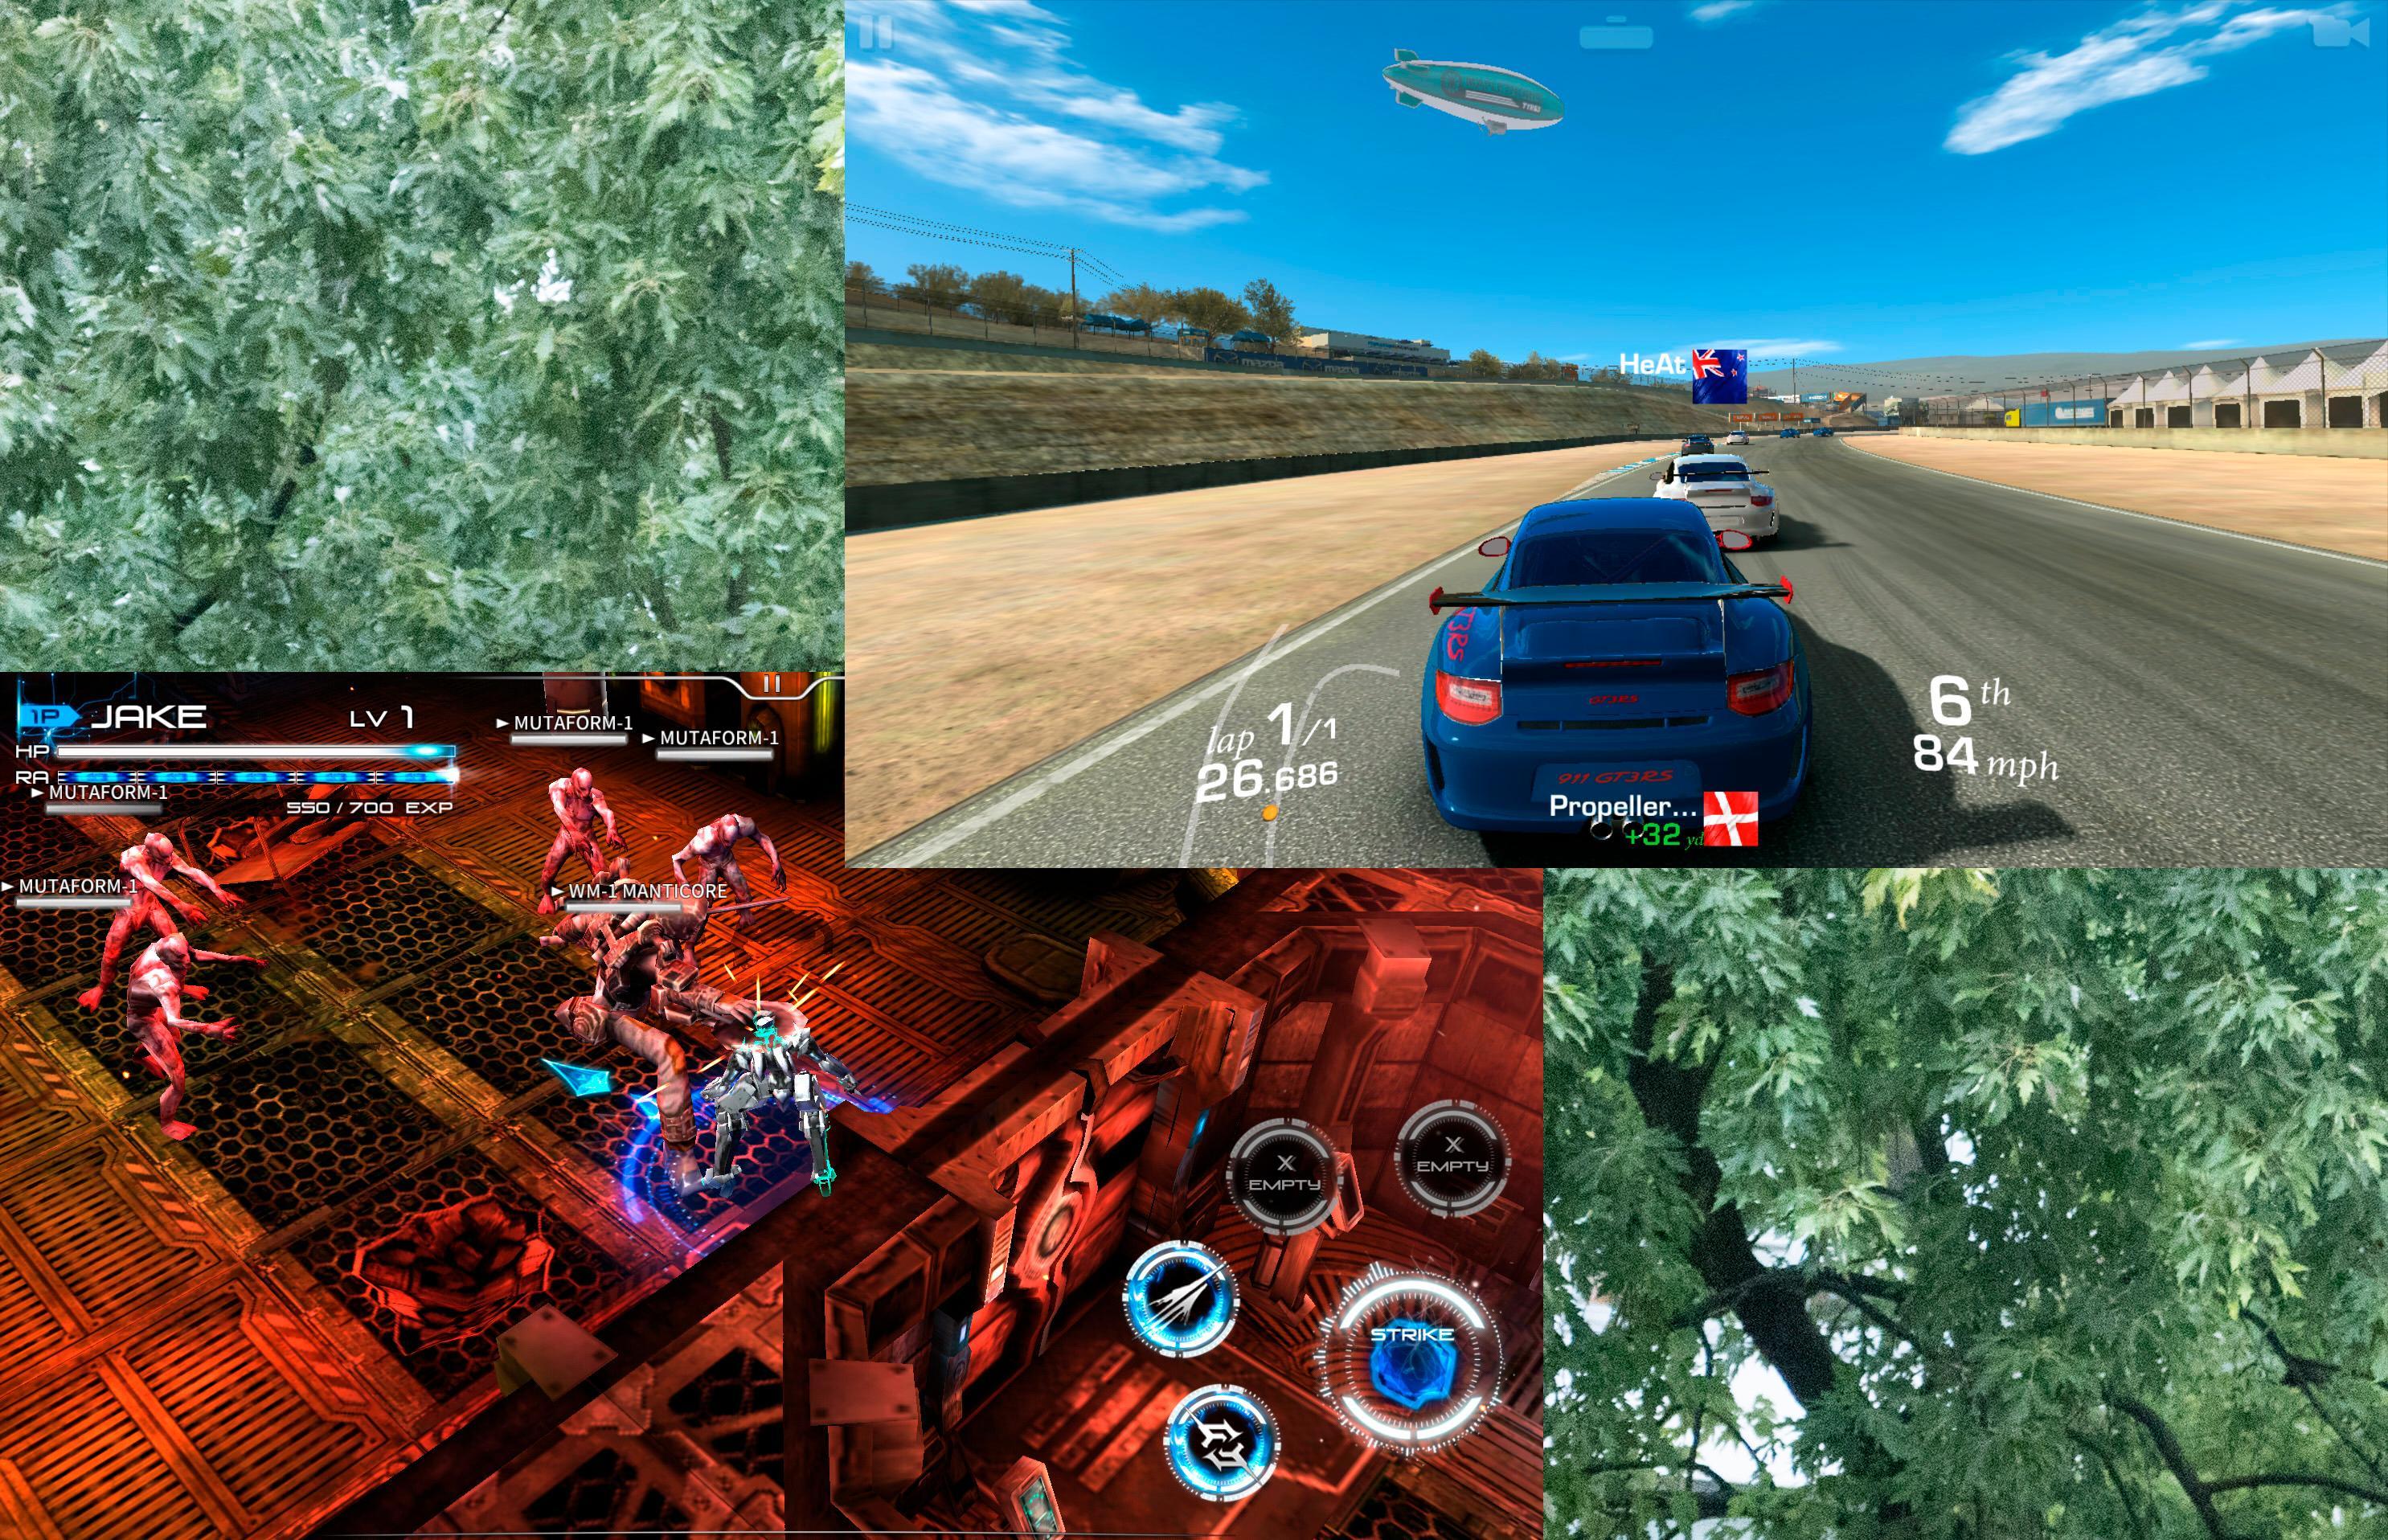 Xperia XZ klarer å drive heftige spill uten problemer.